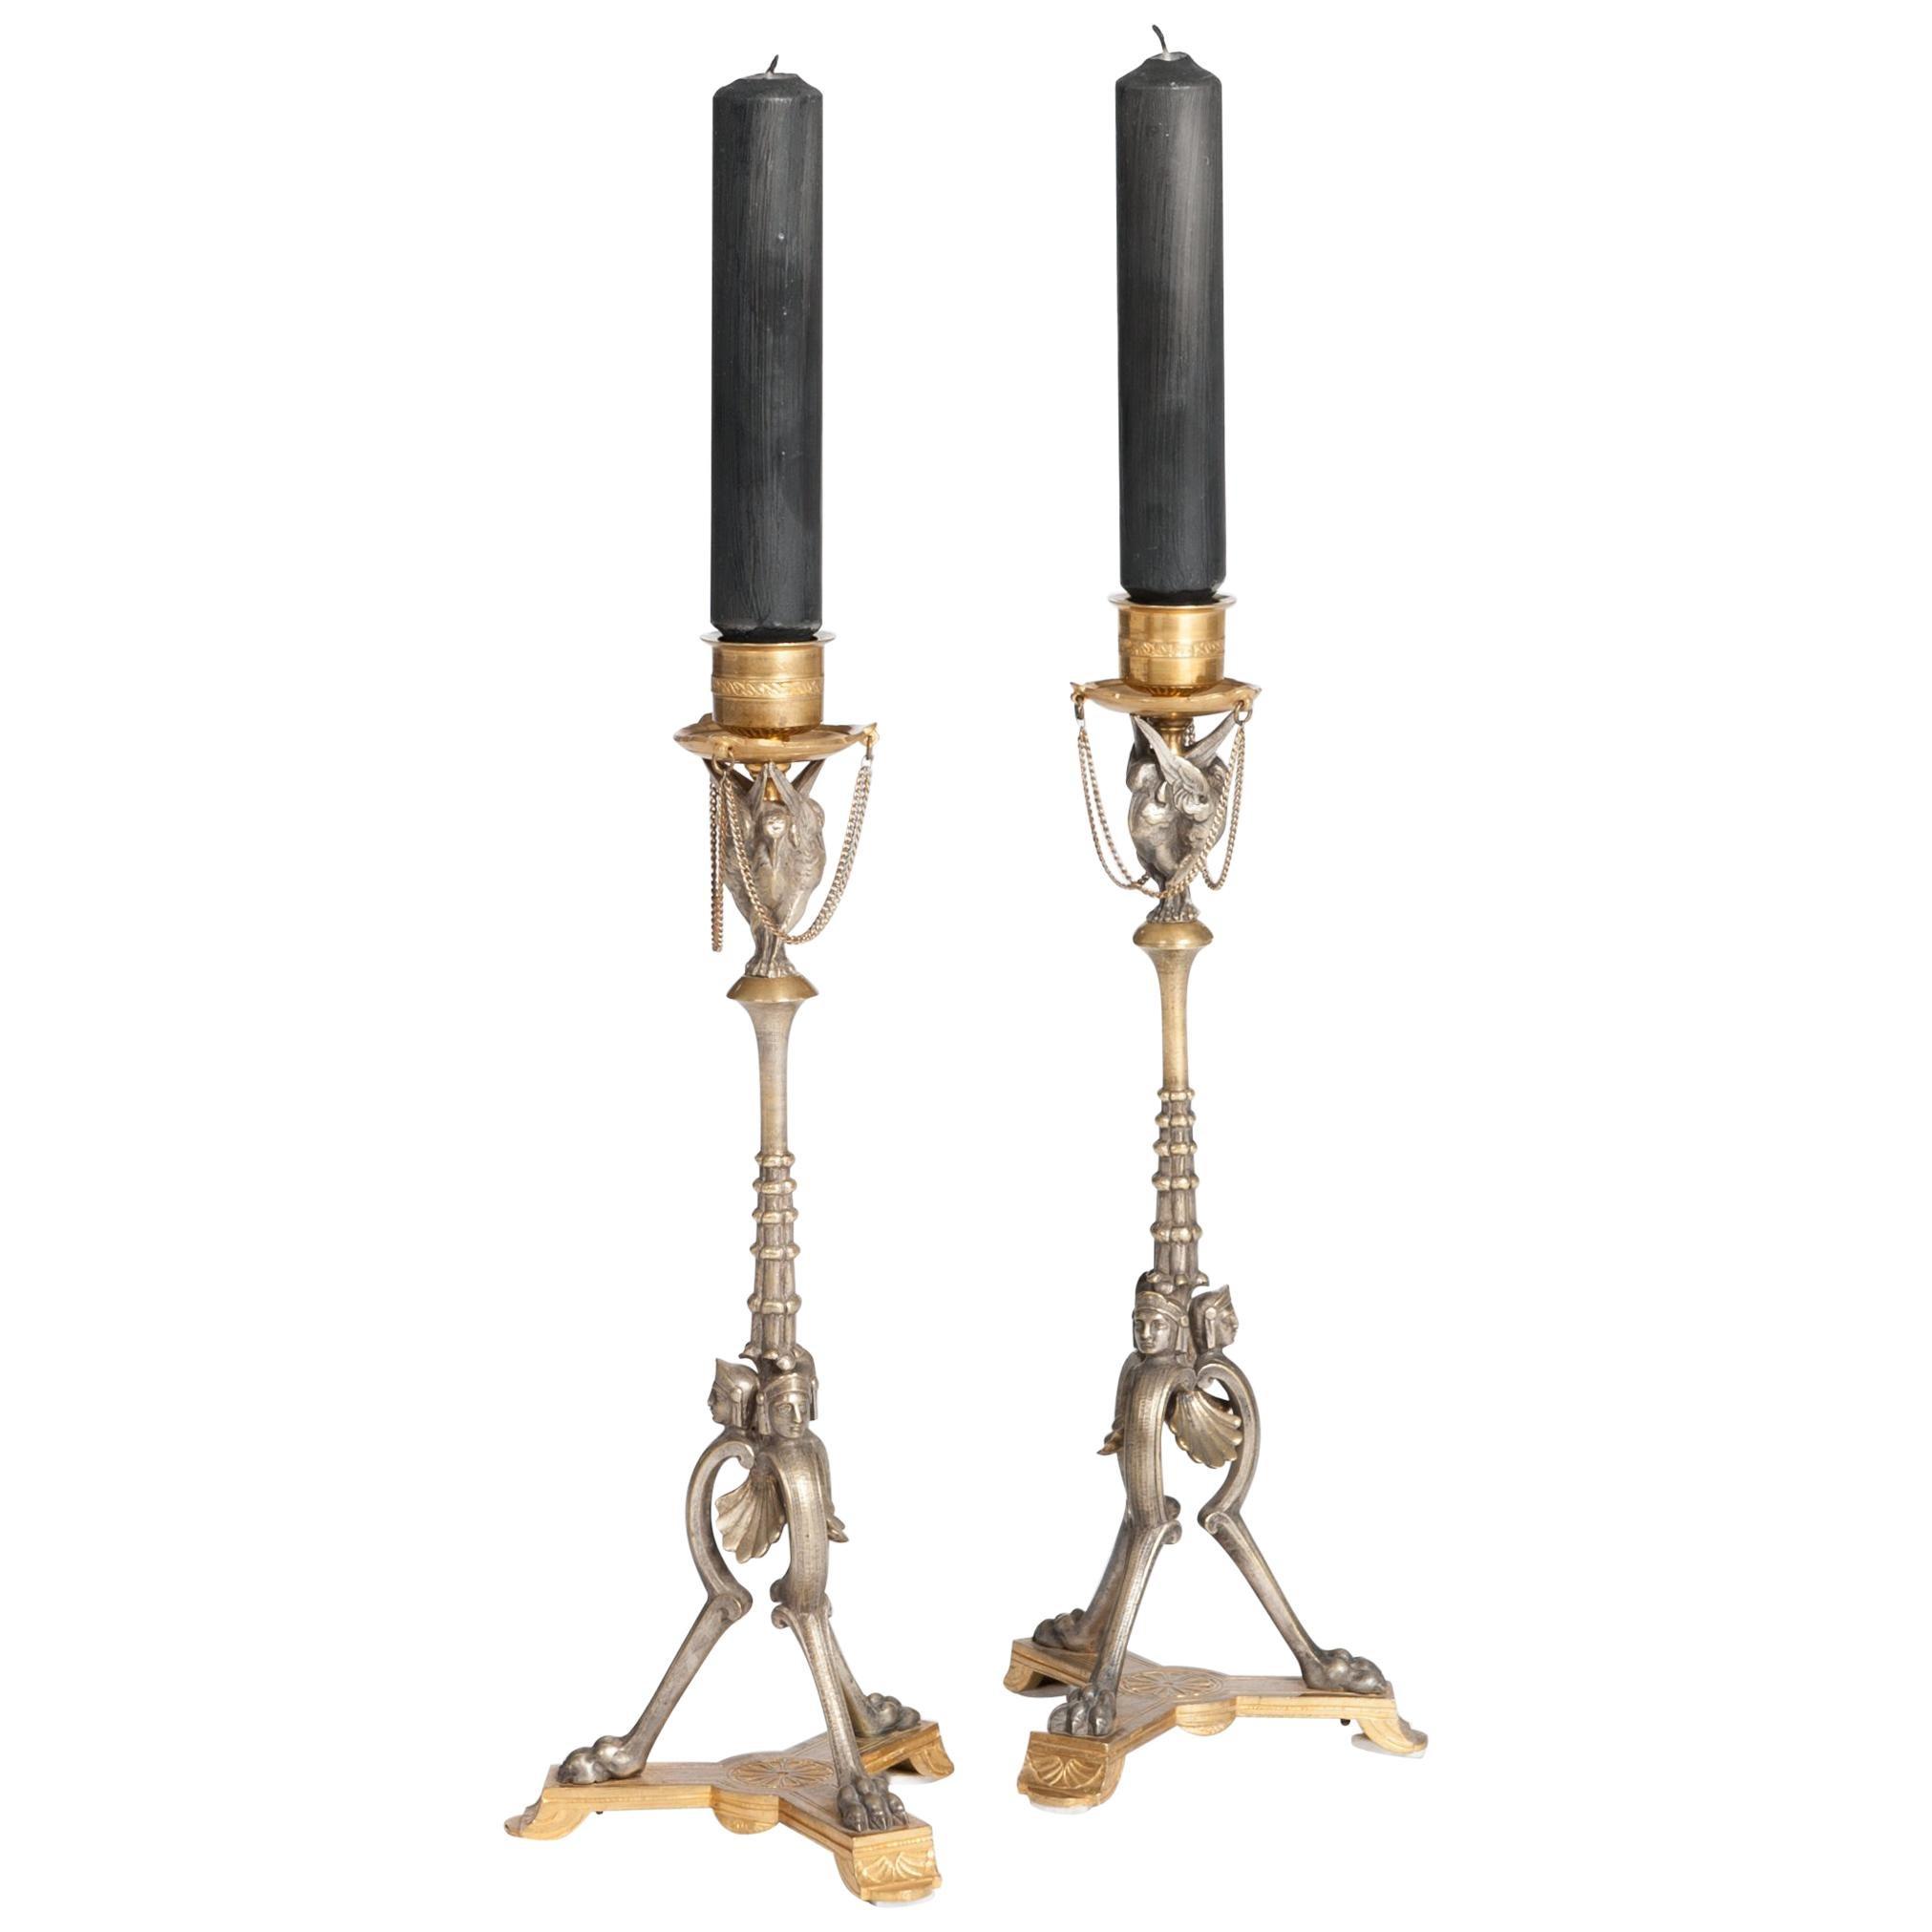 Pair of French Napoleon III Candlesticks Bronze & Bronze Firegilt by A. Daubrée